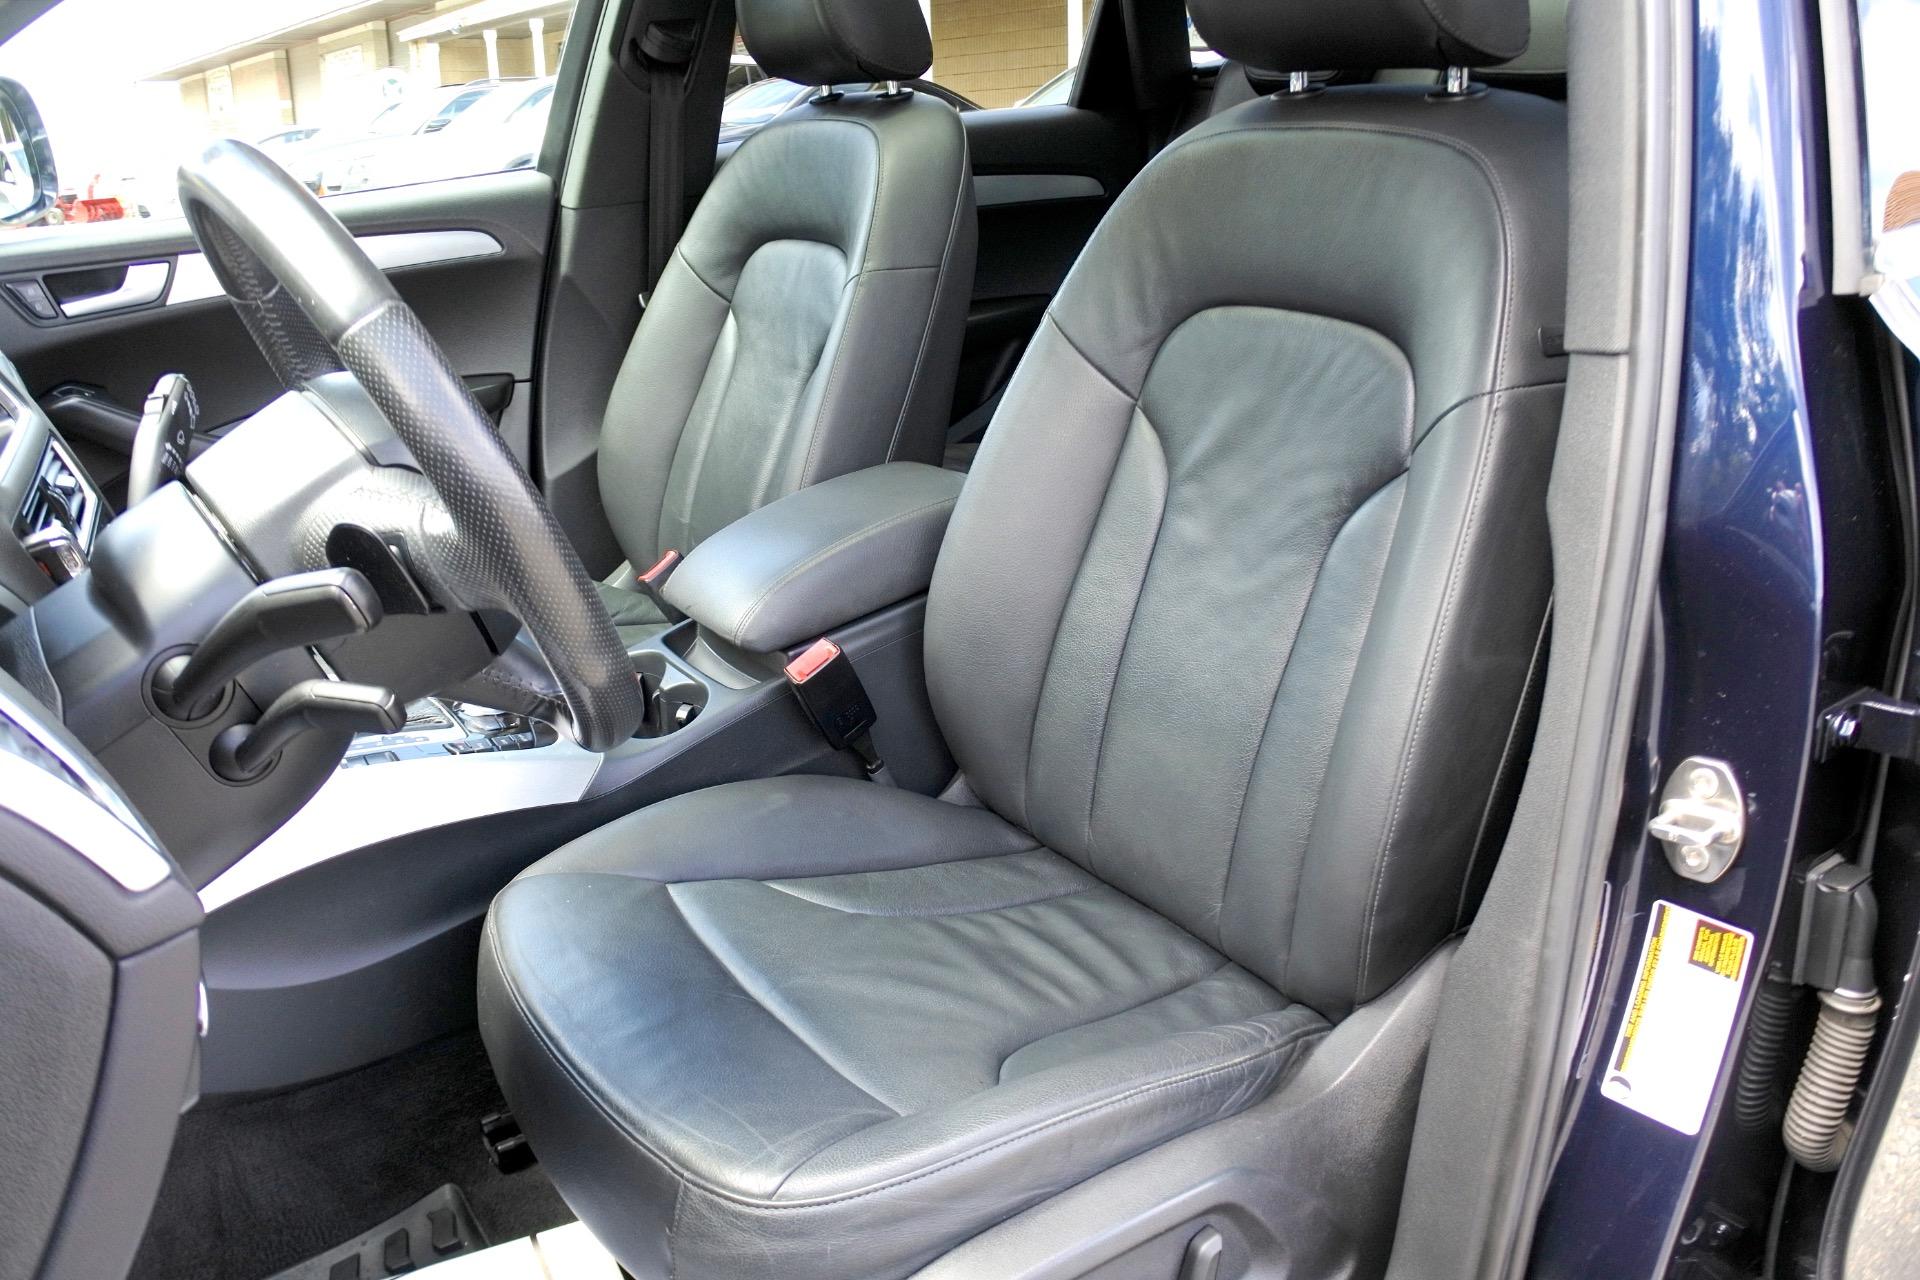 Used 2010 Audi Q5 Premium Plus S-Line Quattro Used 2010 Audi Q5 Premium Plus S-Line Quattro for sale  at Metro West Motorcars LLC in Shrewsbury MA 14